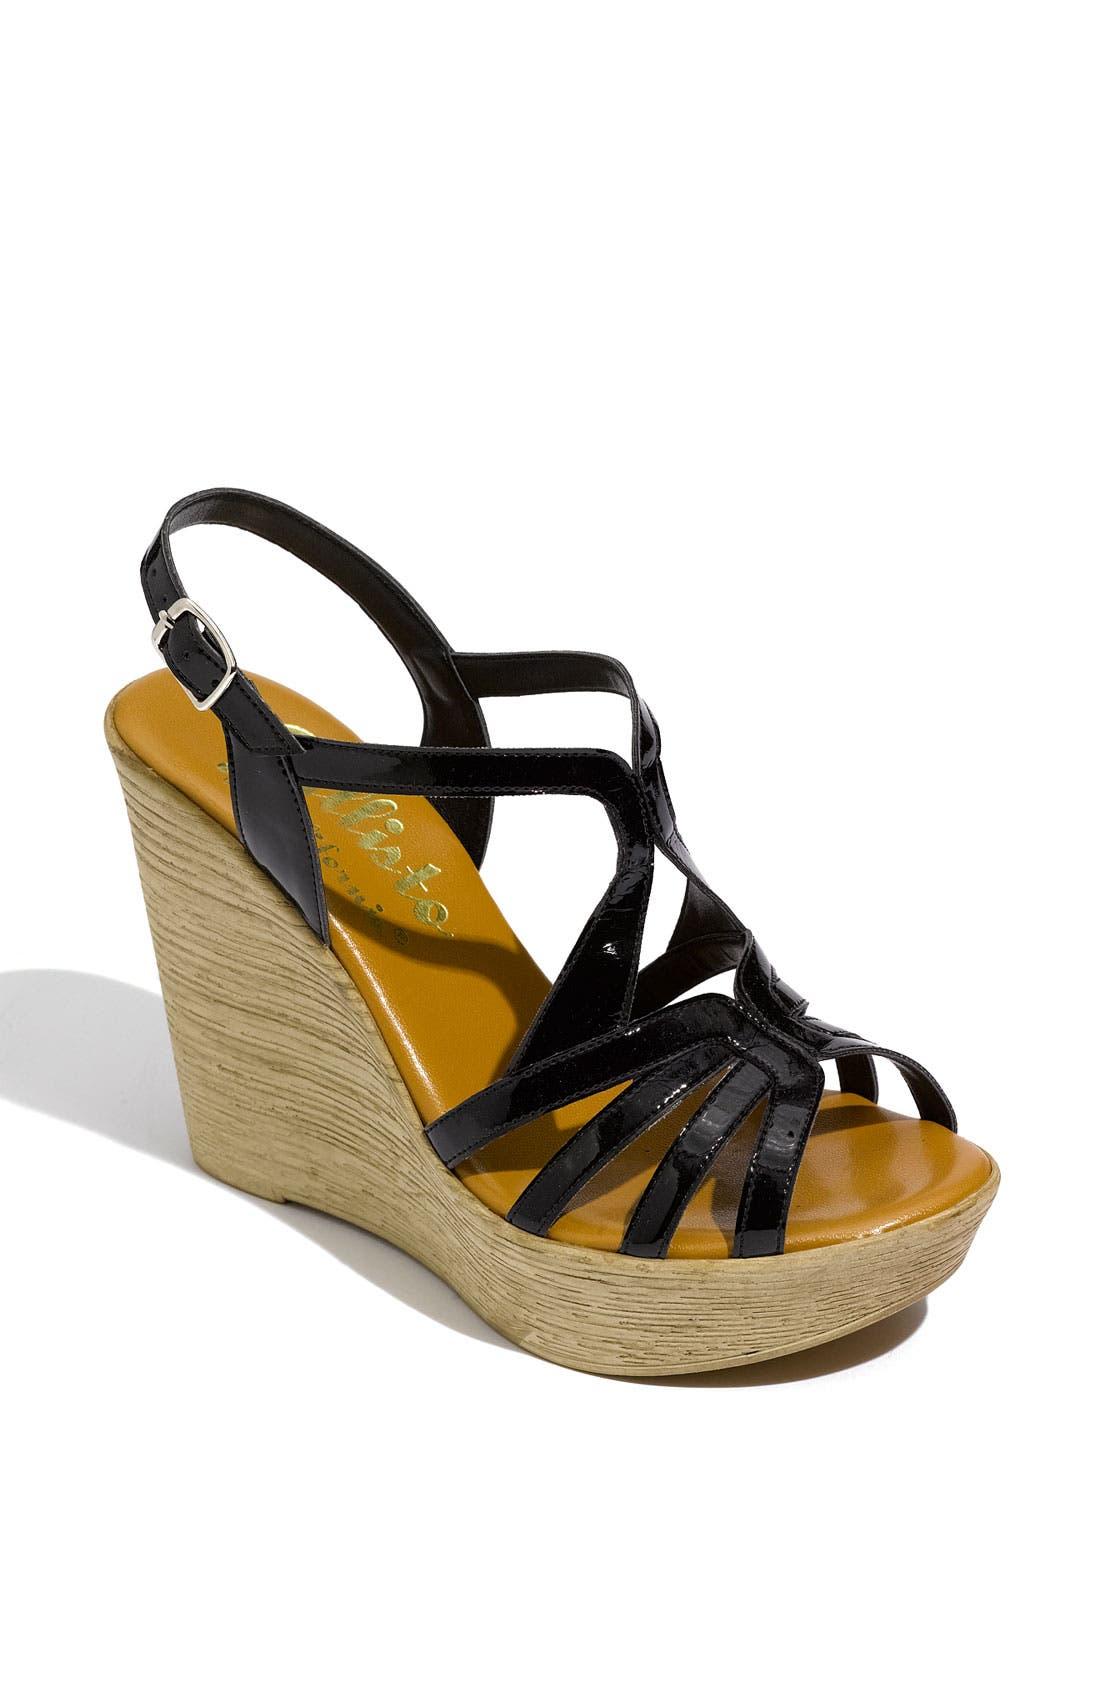 Main Image - Callisto 'Tiara' Wedge Sandal